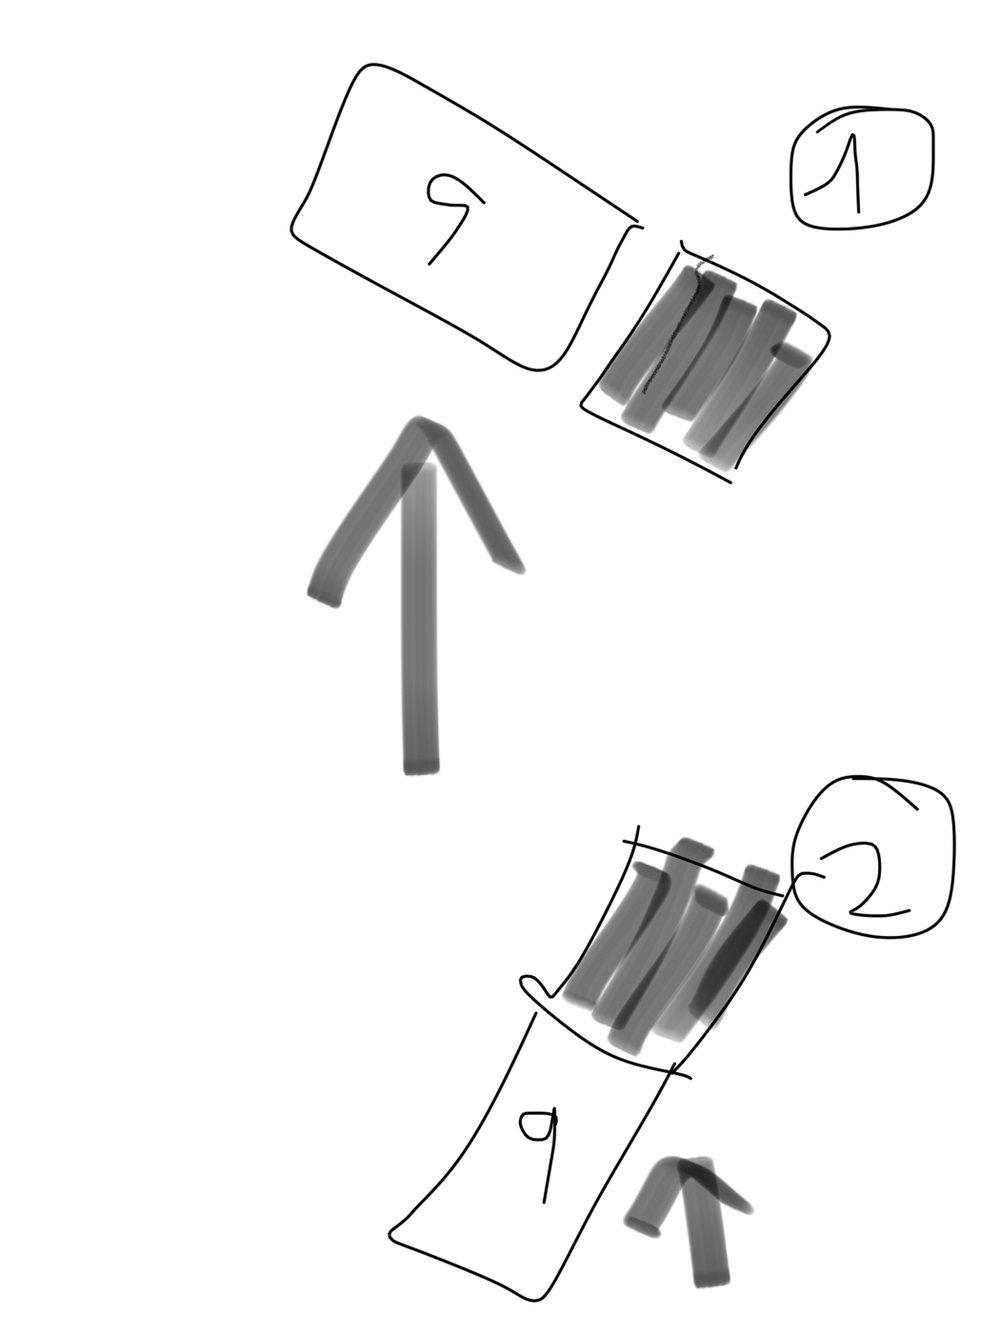 Sketch-503.jpg